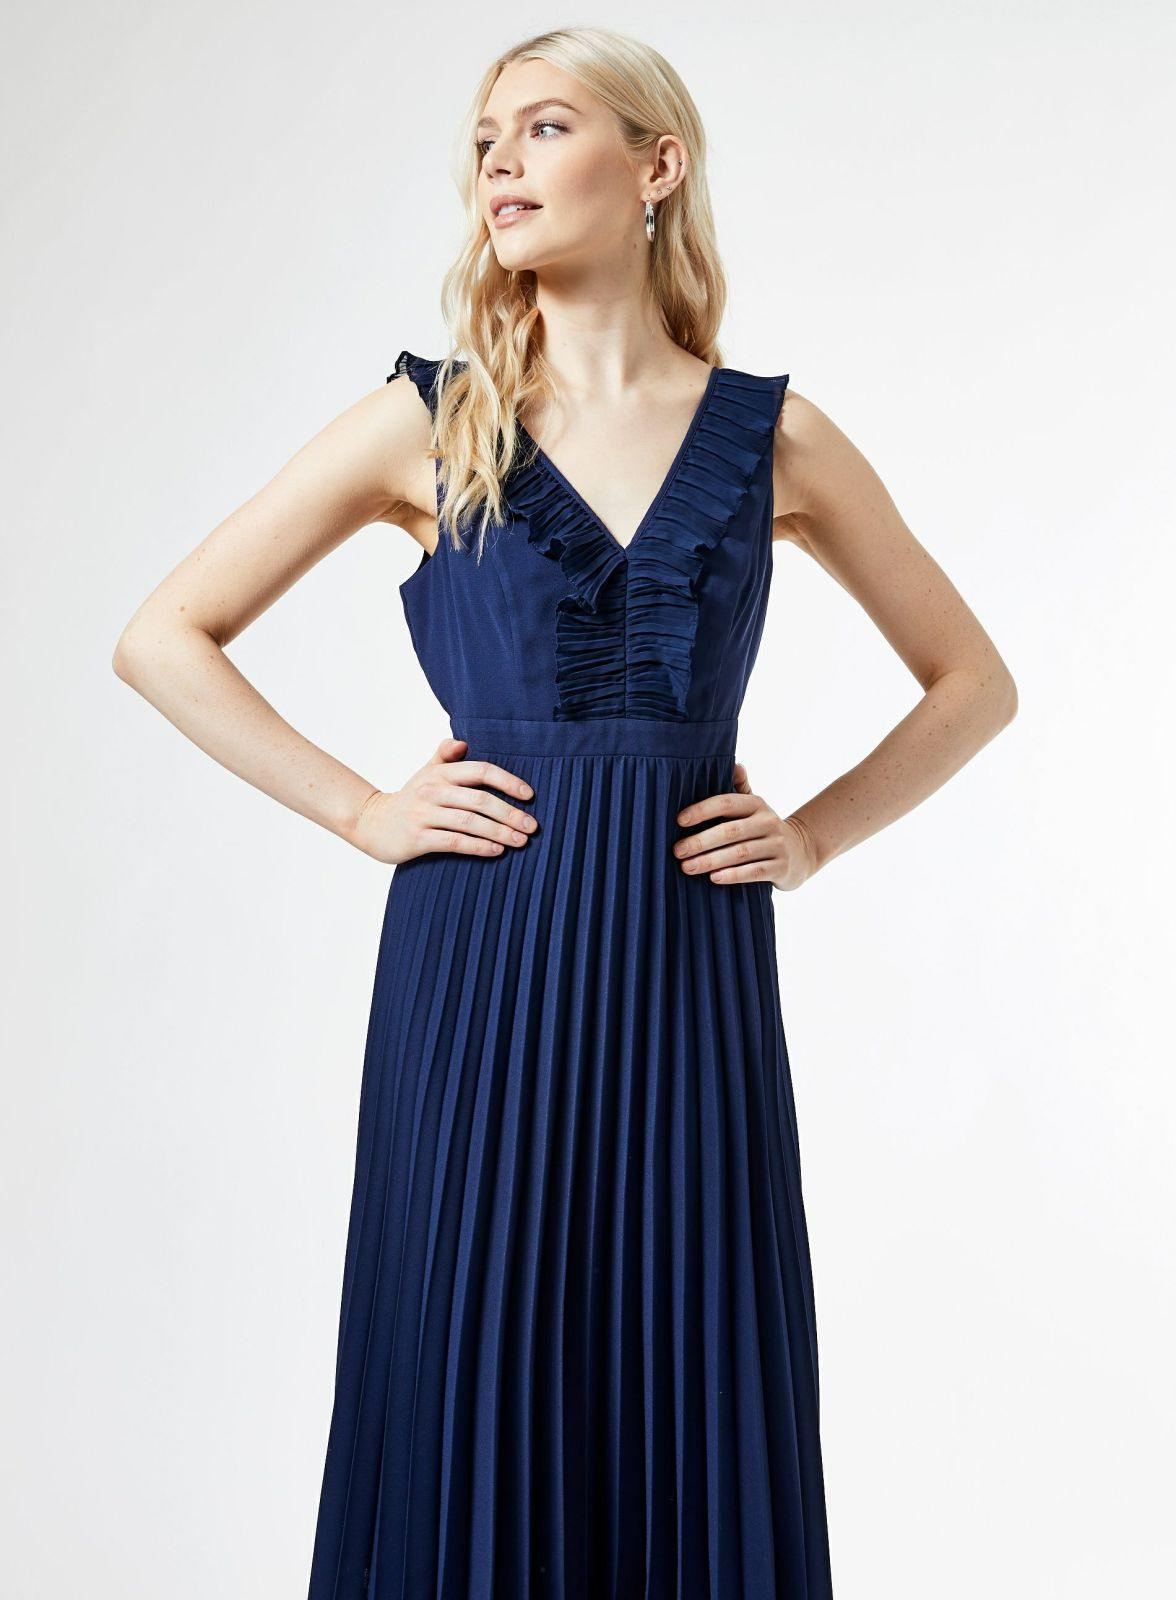 Damen Midikleider  Luxe Blaues Plisseekleid Mit